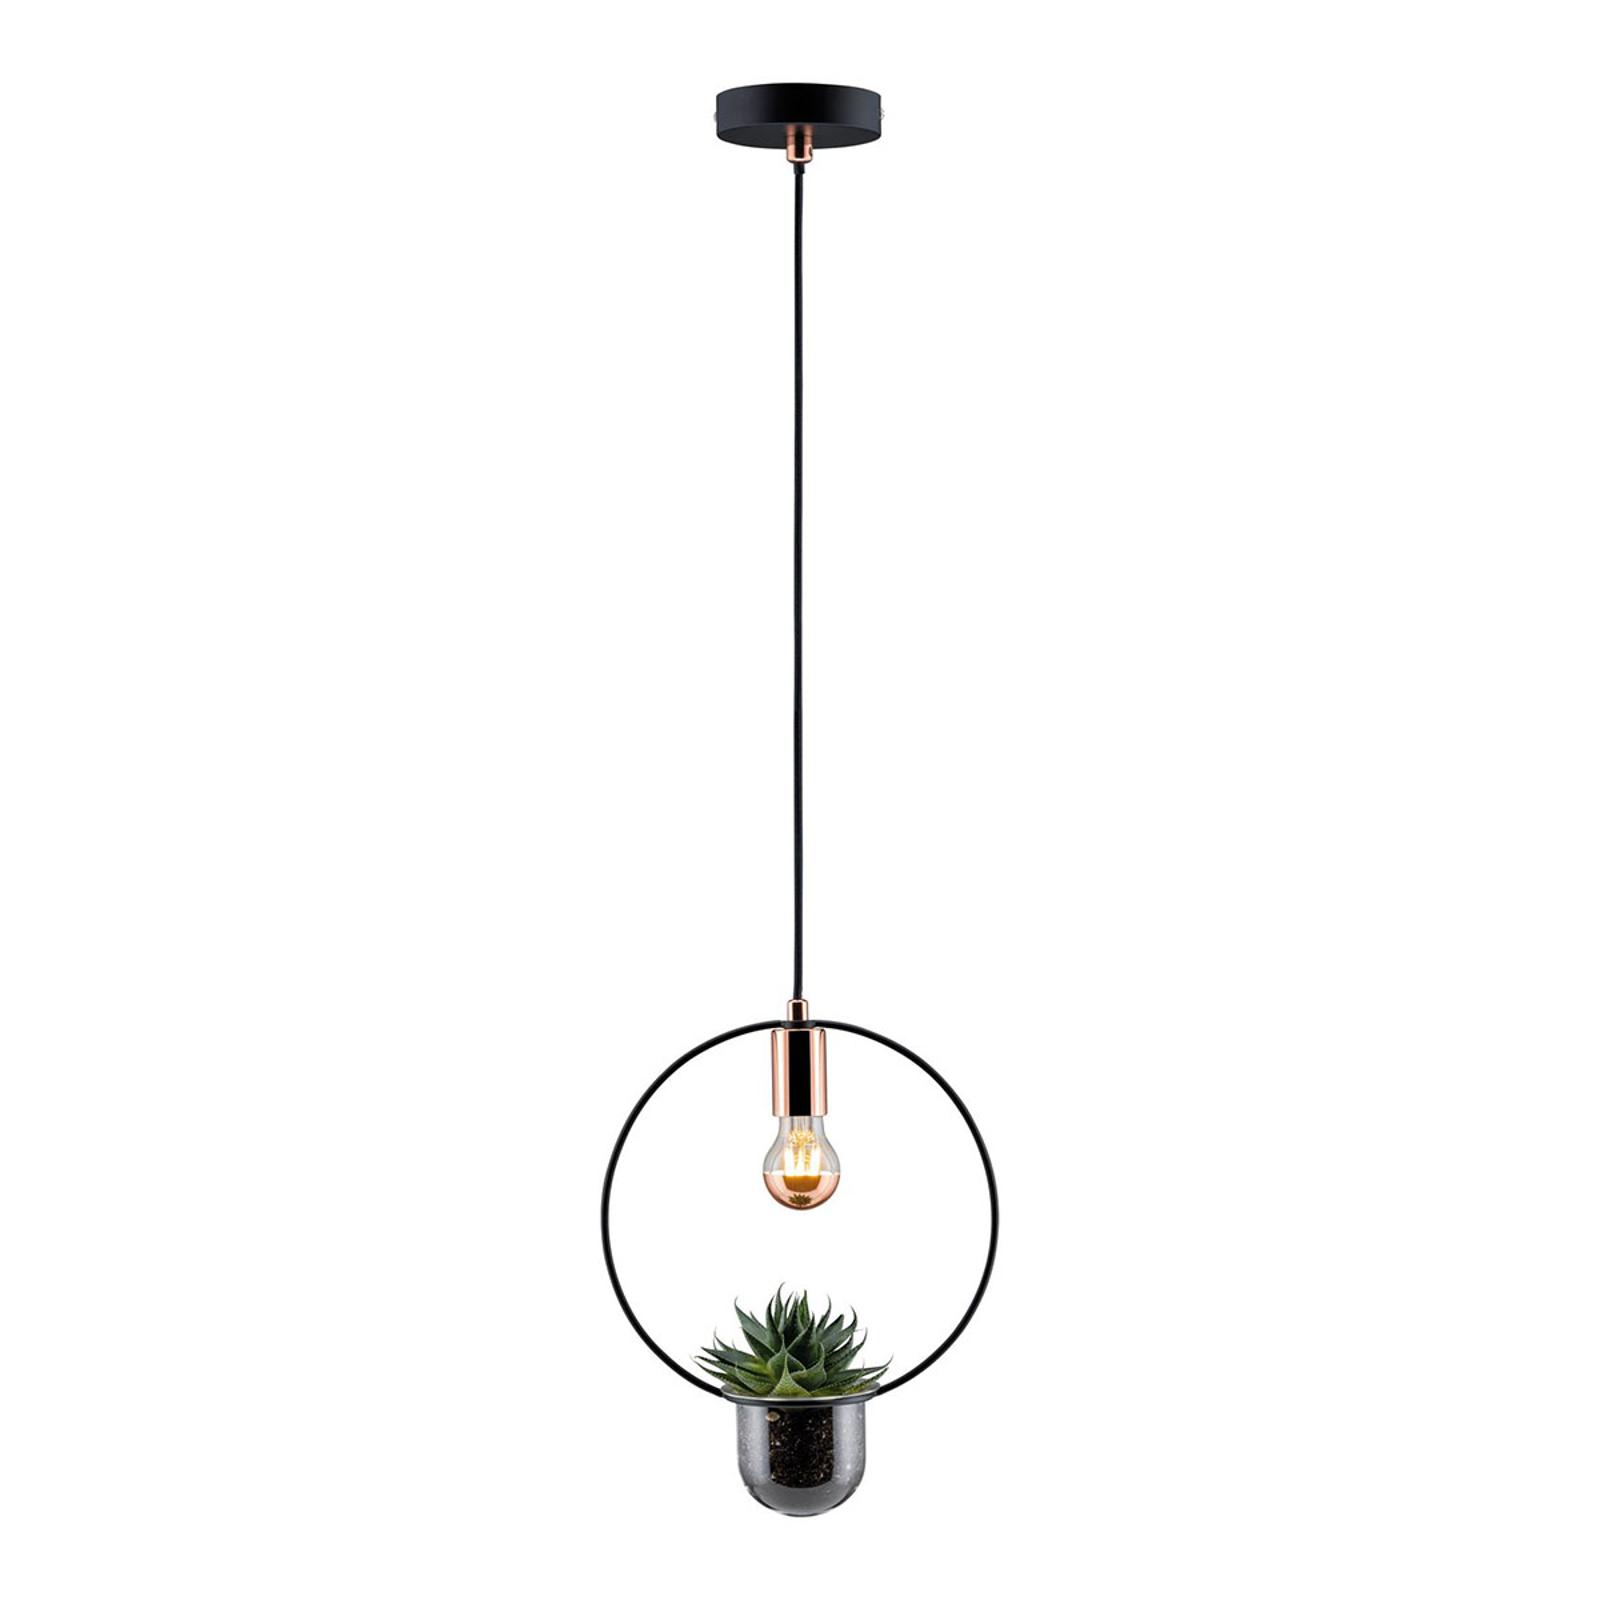 Paulmann závěsné světlo Tasja s nádobou na květiny